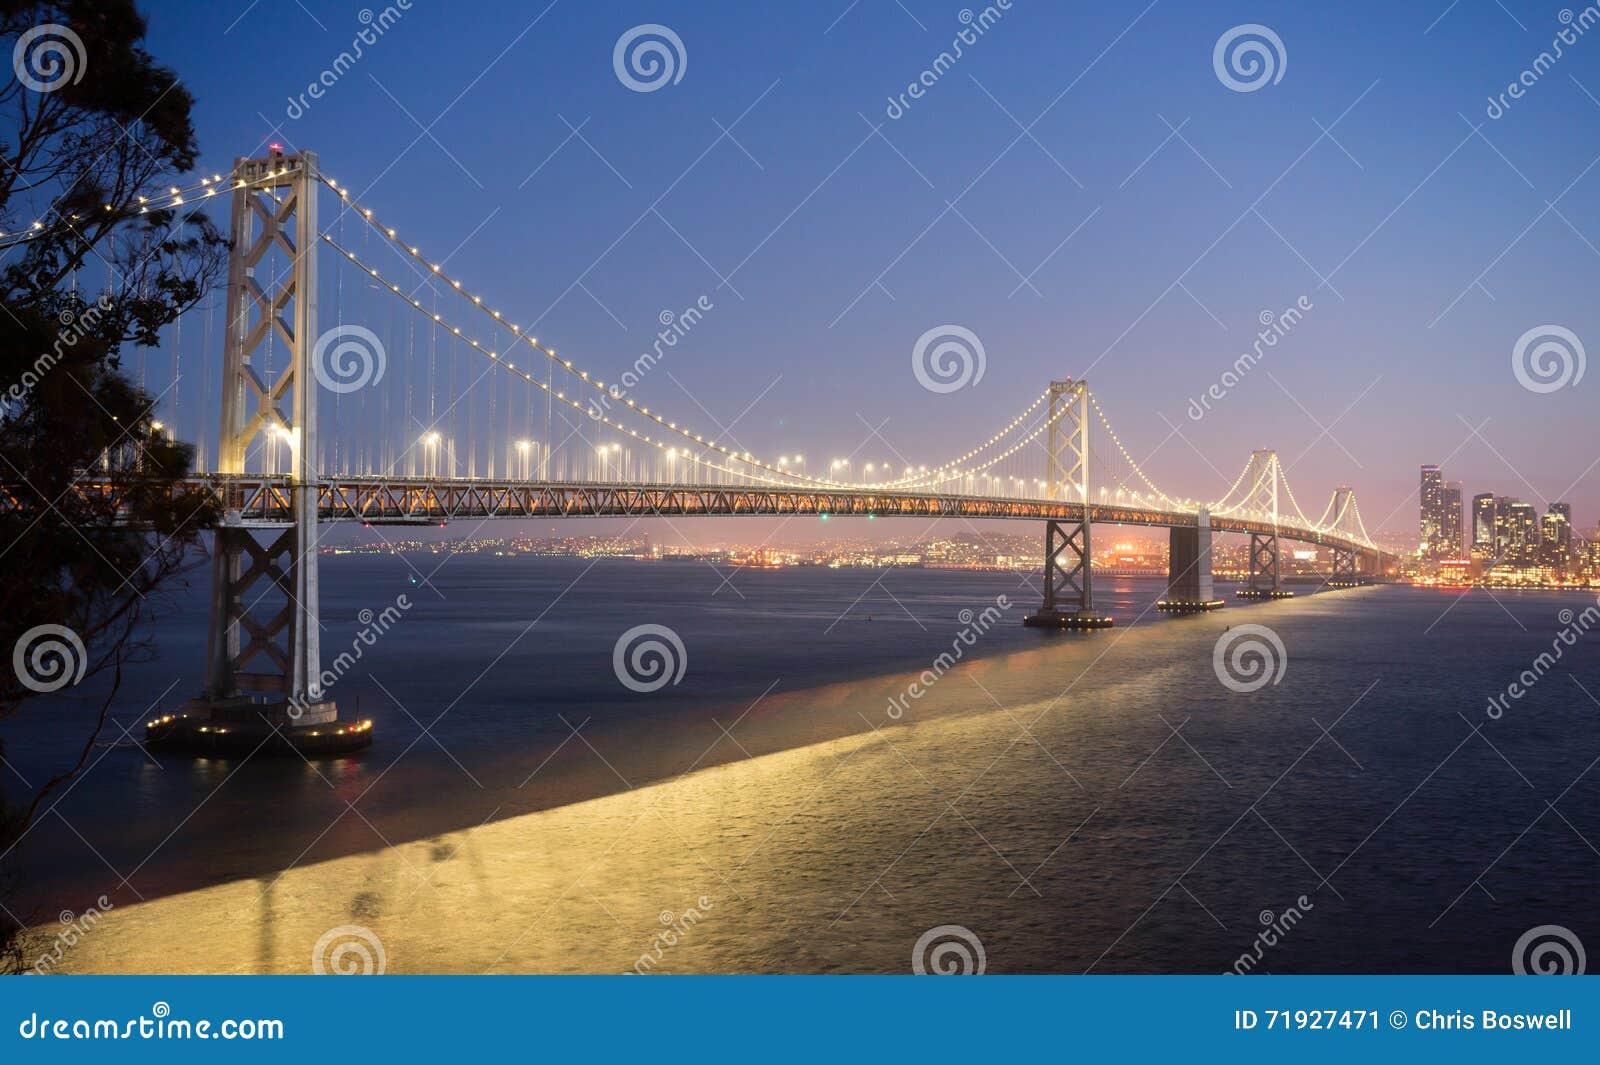 Мост залива пересекая западное побережье Тихий Океан горизонта Сан-Франциско